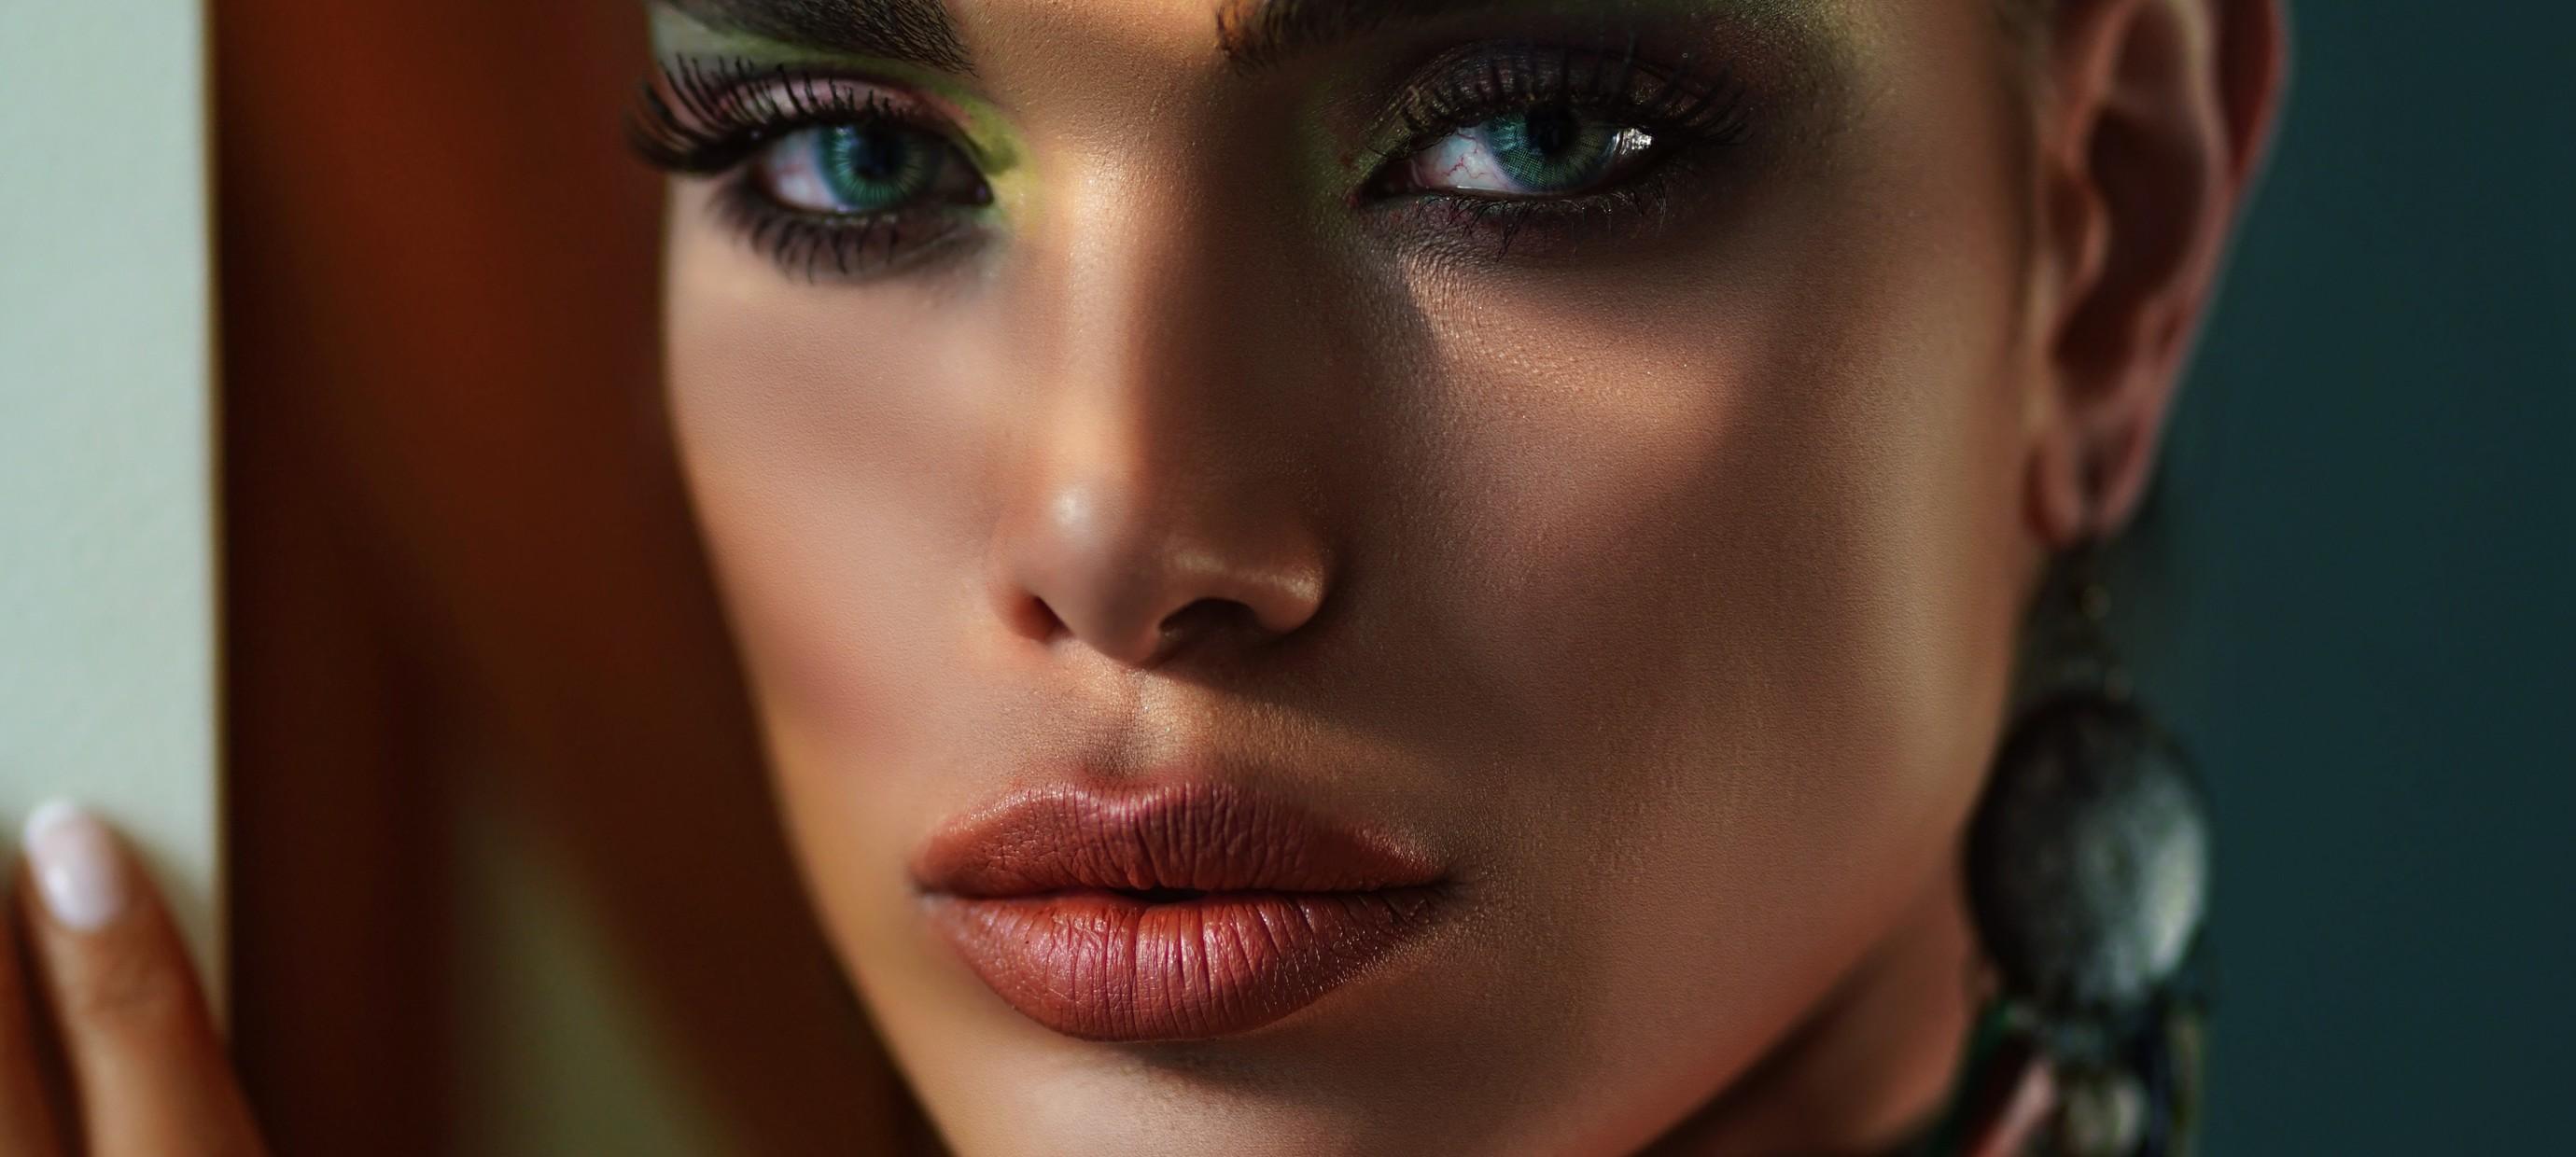 De make-up trends vroeger vs. nu